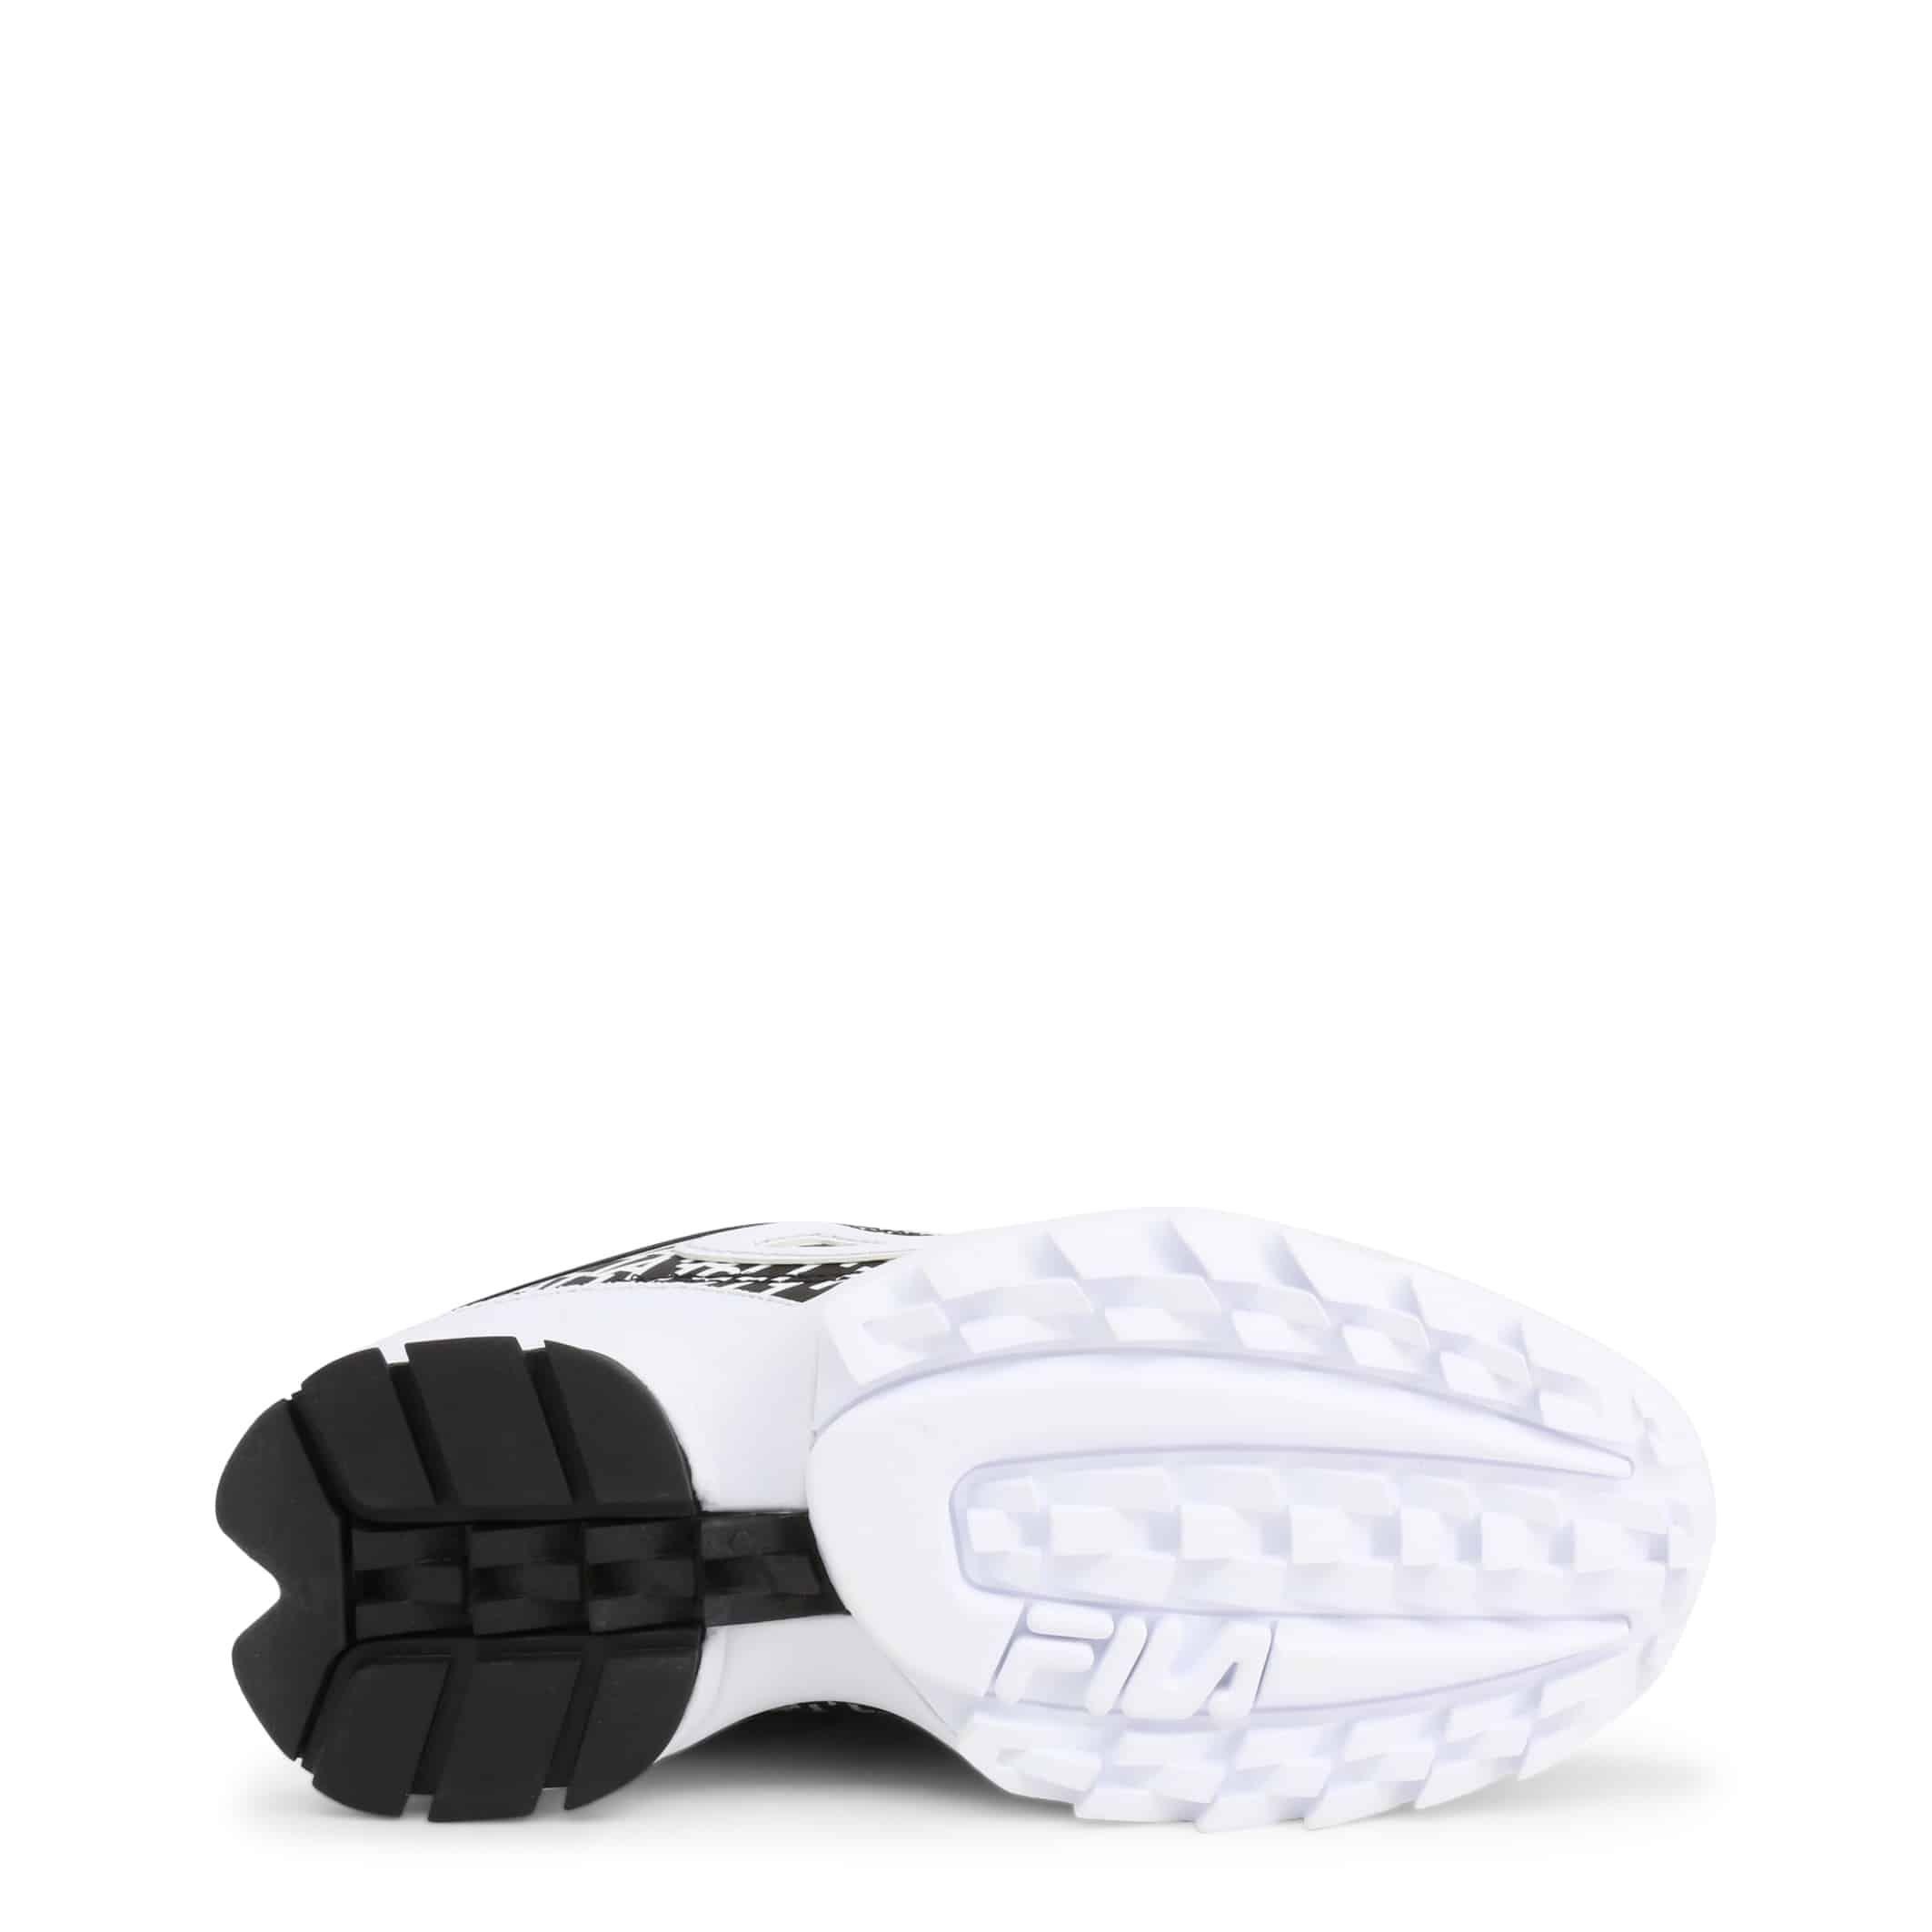 Sneakers Fila – DISRUPTOR-CLUB-CHAOS_1010861